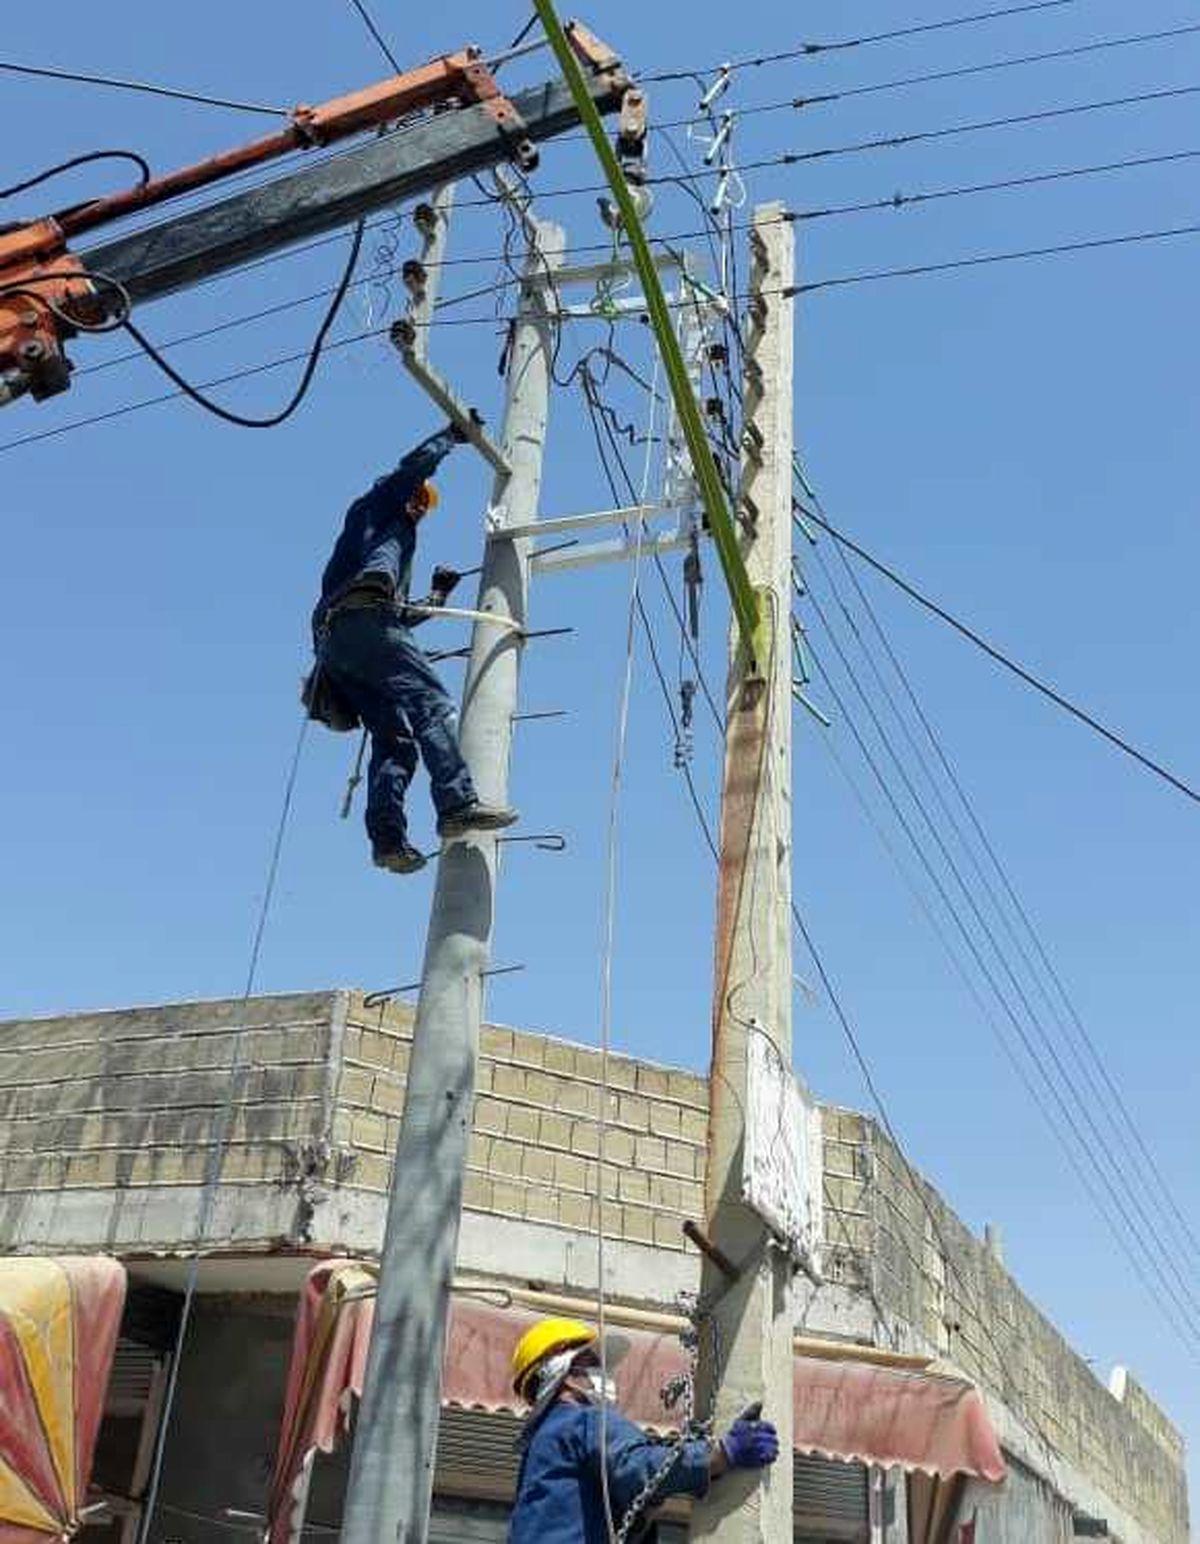 بهسازی شبکه برق ۲۲ روستا در استان اصفهان